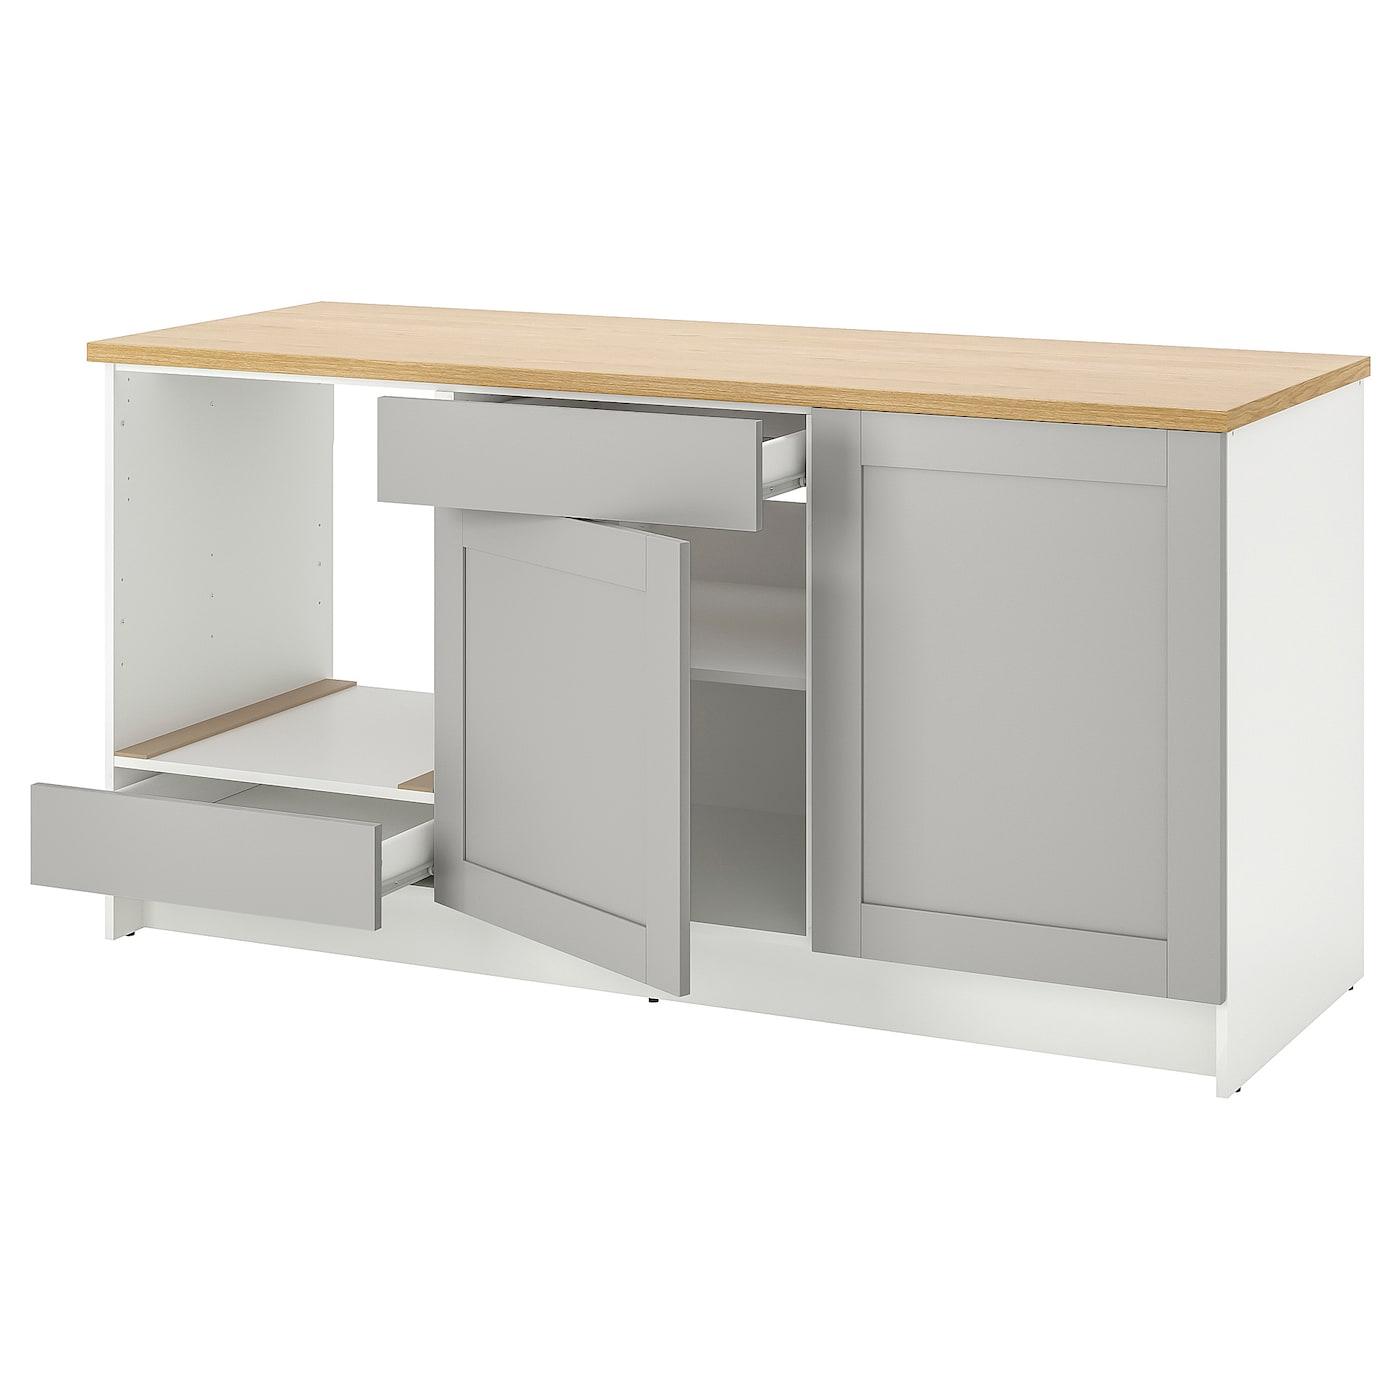 IKEA KNOXHULT szara szafka stojąca z drzwiami i szufladą, szerokość 180 cm